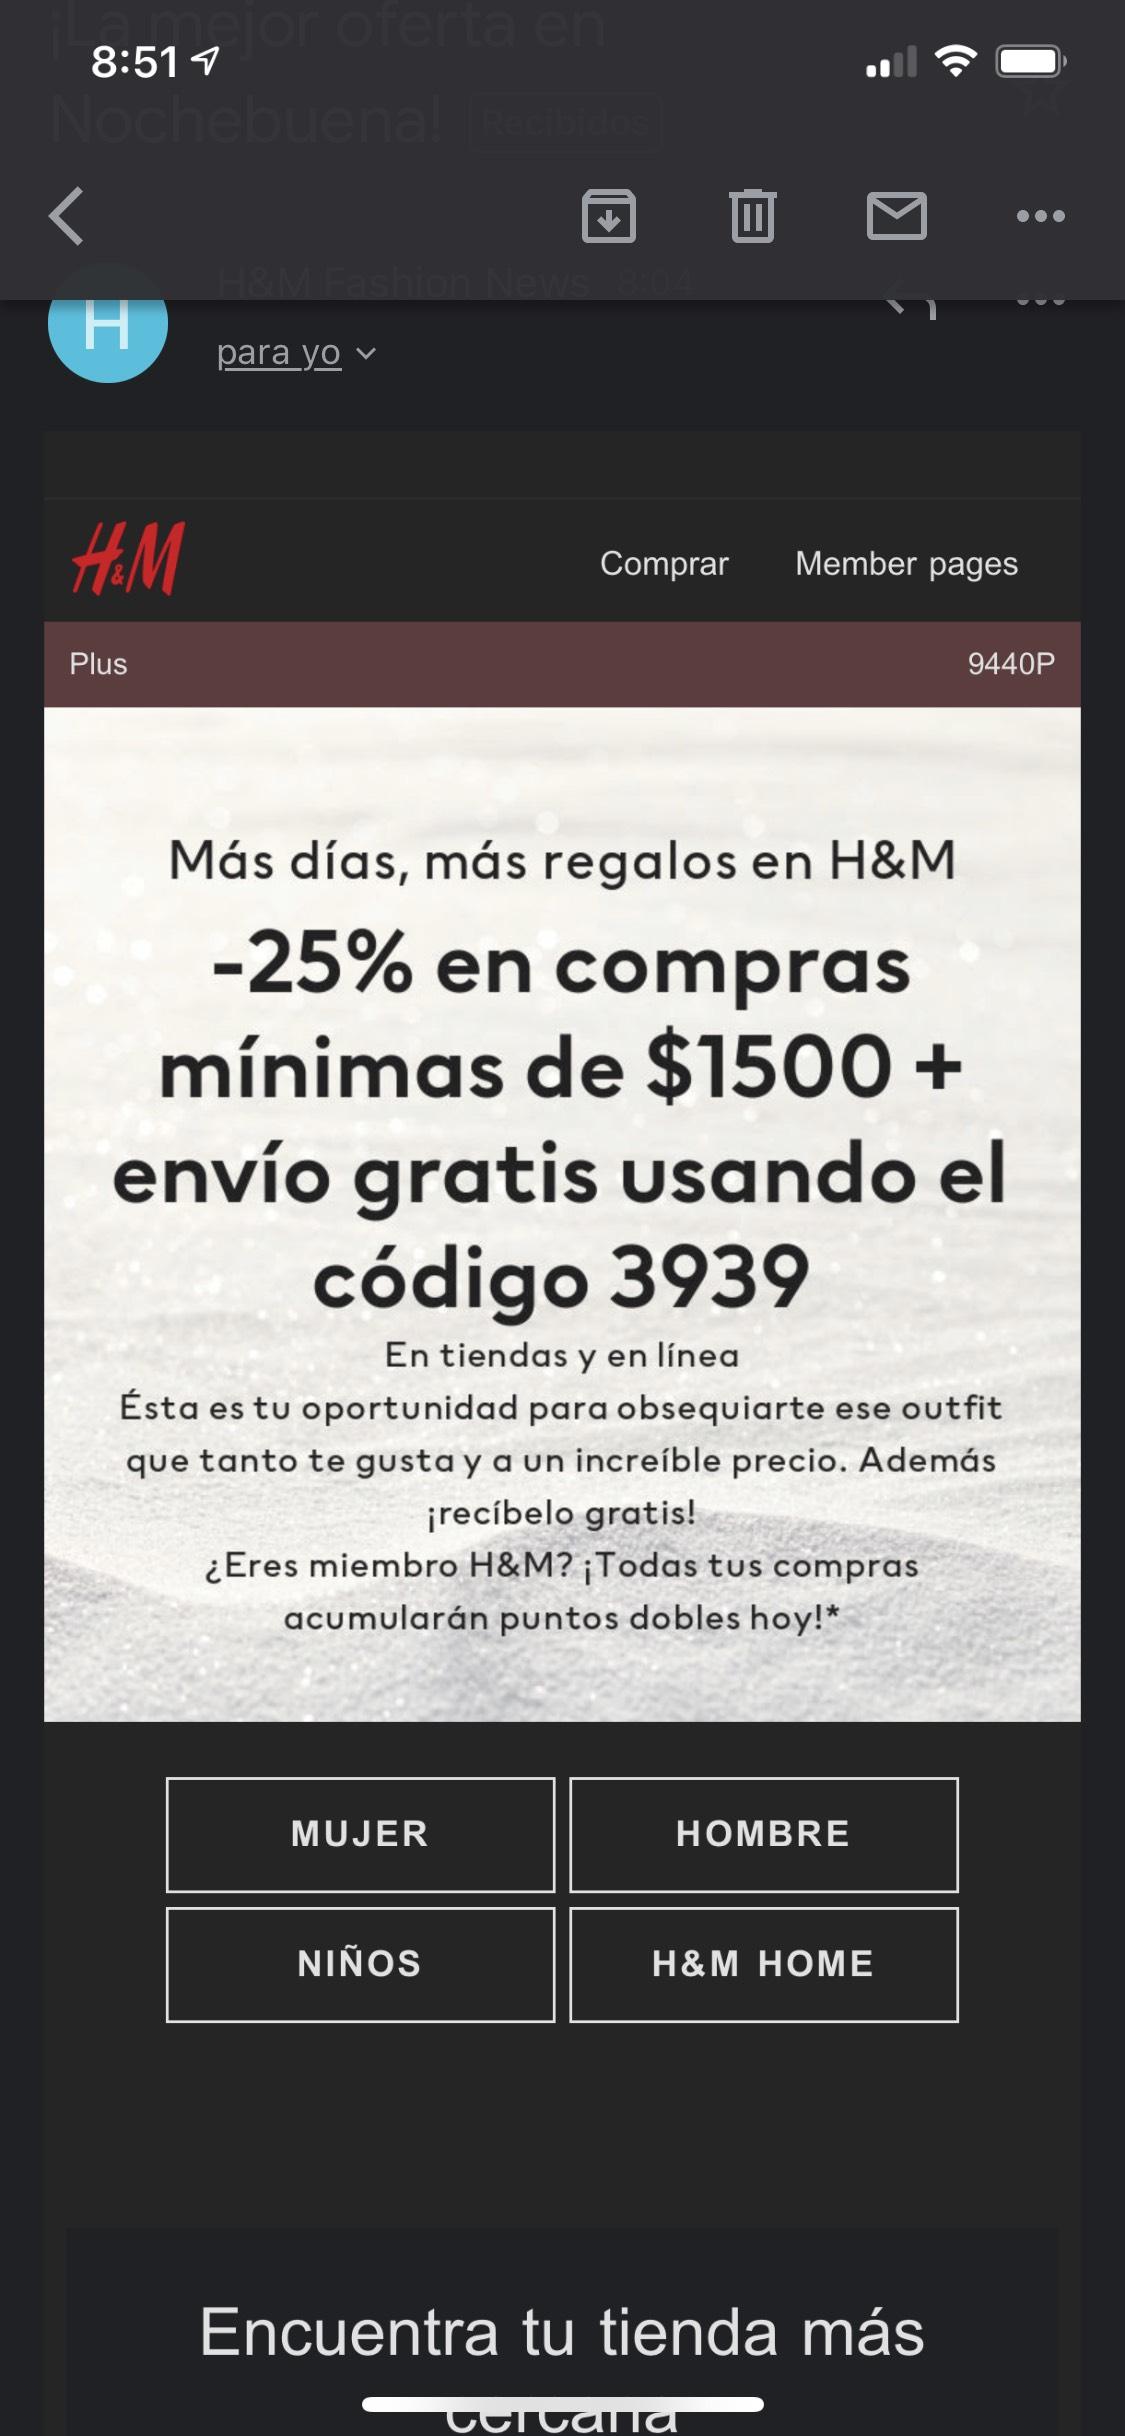 H&M 25% de descuento con código!!! Compra mínima de 1500 pesos